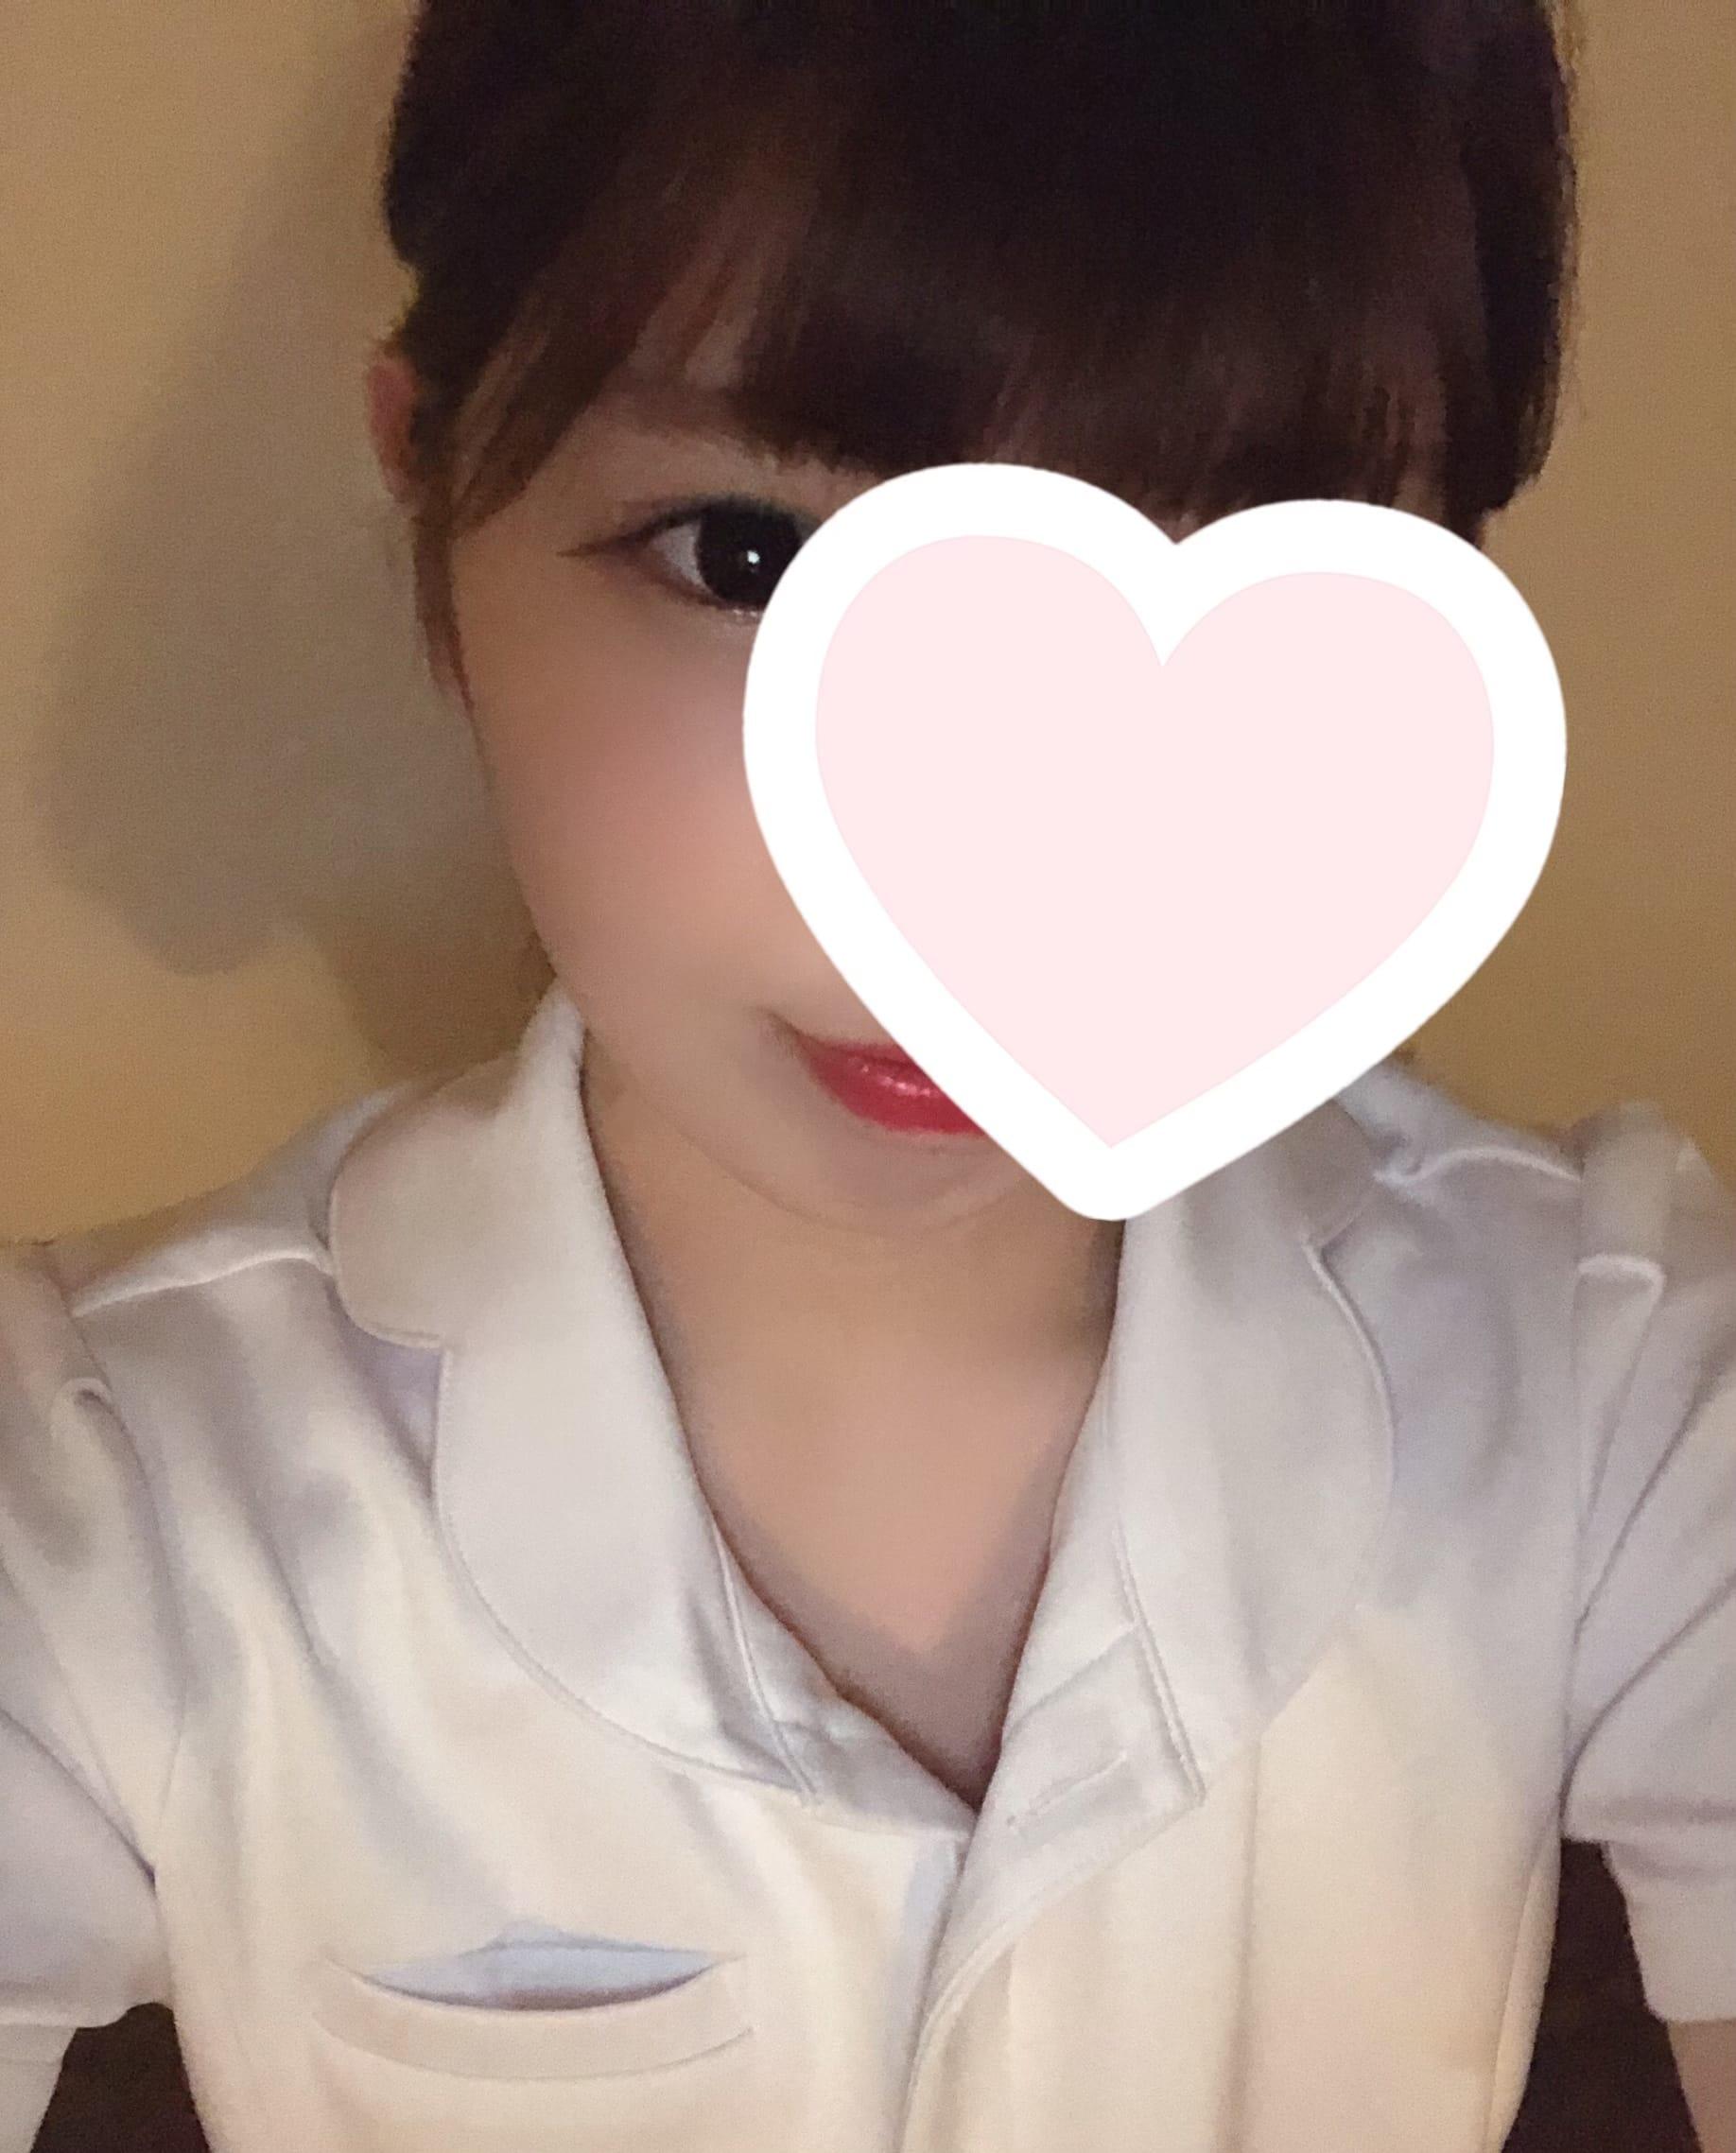 「お礼」06/12(土) 02:10   絵里(えり)の写メ日記